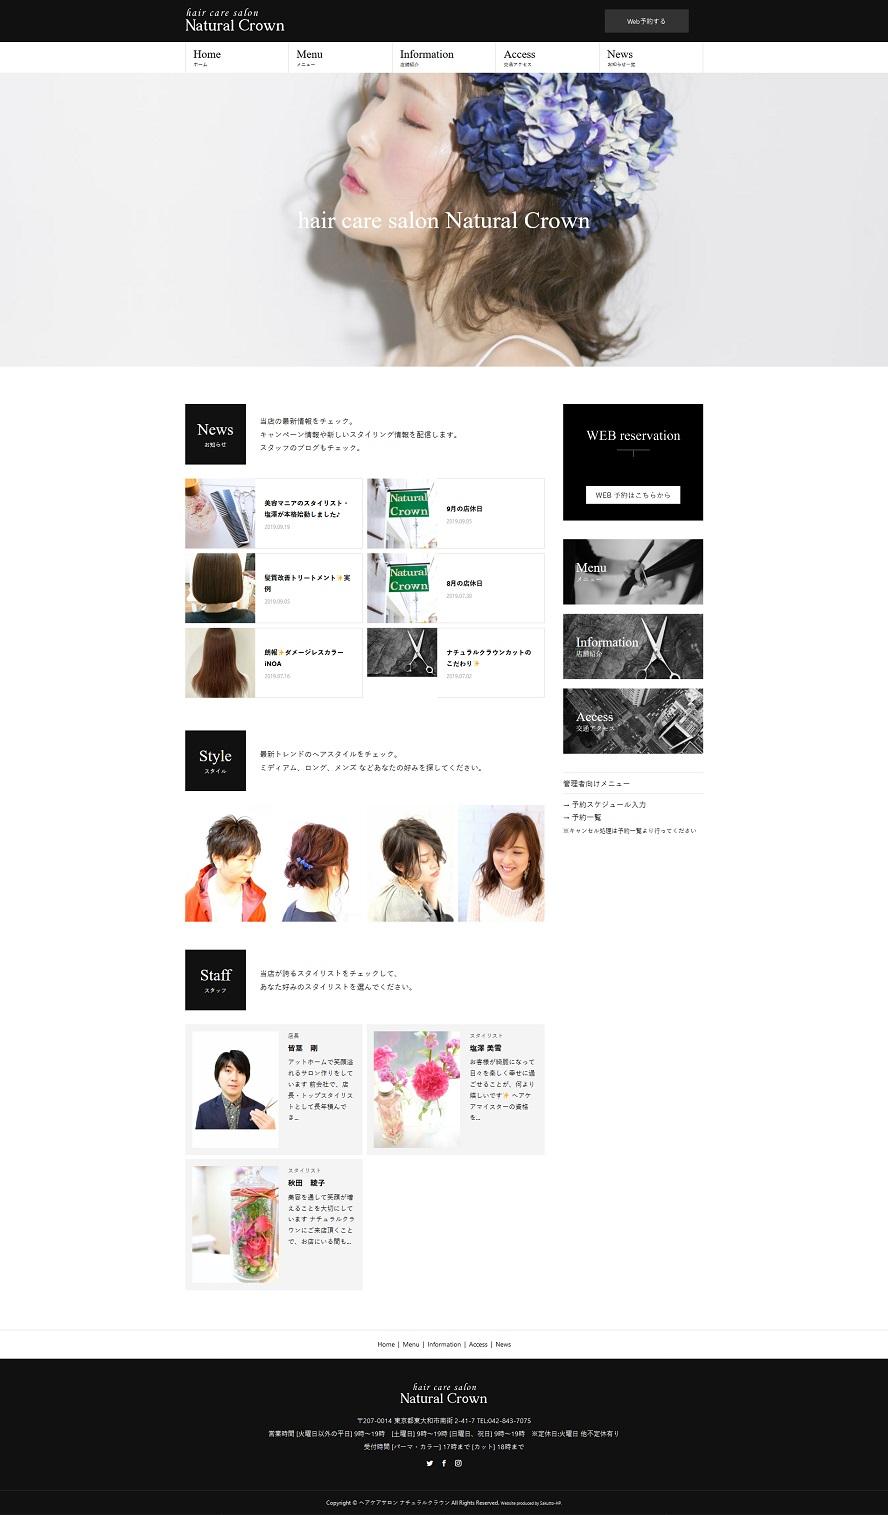 ホームページ作成|東京|さくっとホームページ作成では東京都で美容室を運営している「ヘアケアサロン ナチュラルクラウン様の公式ホームページ」を作成し、2019年4月19日に一般公開を開始しました。